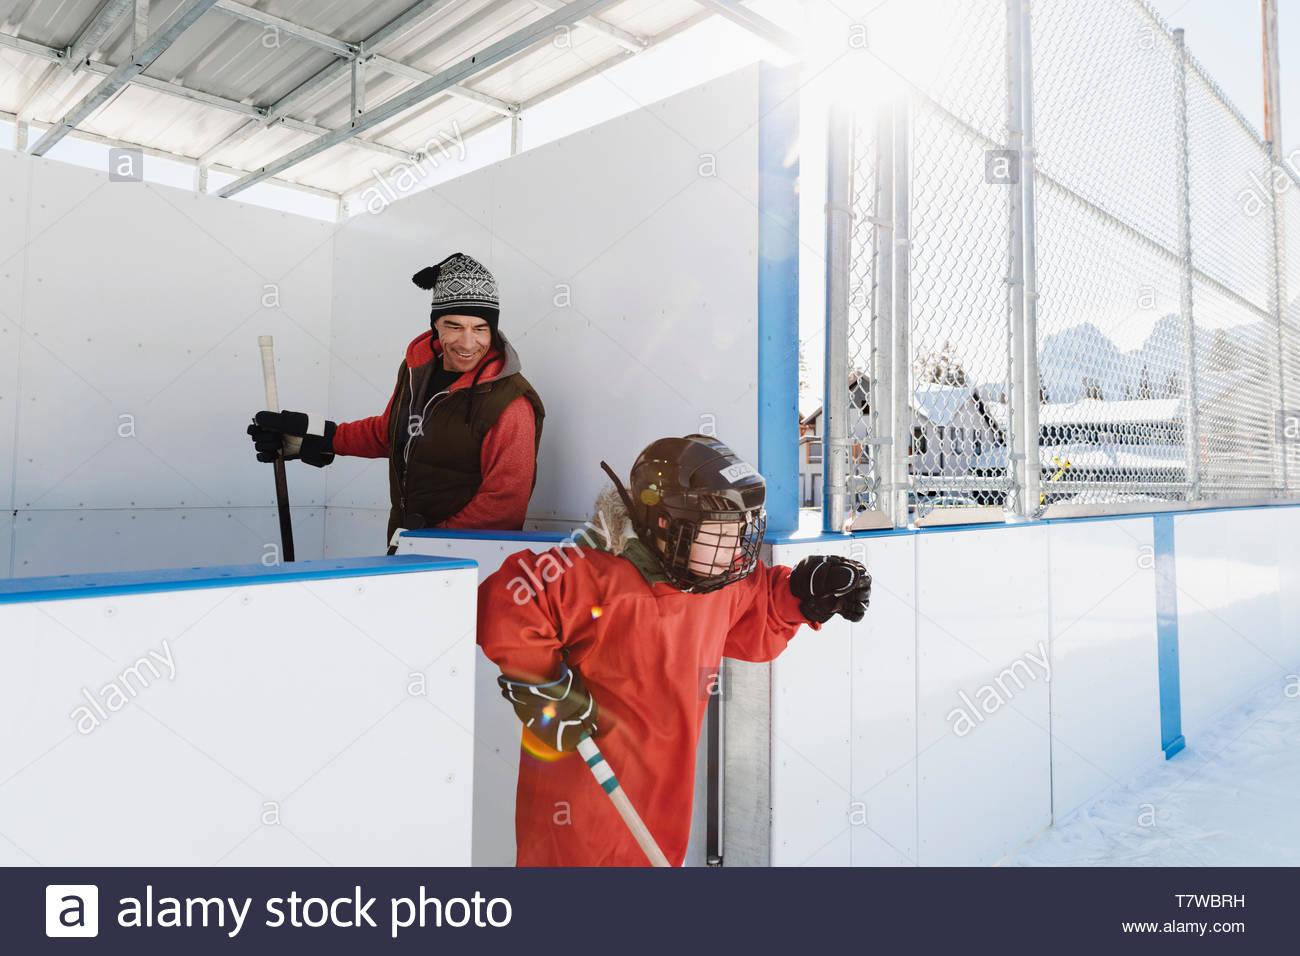 Père et fils jouer au hockey sur glace Photo Stock